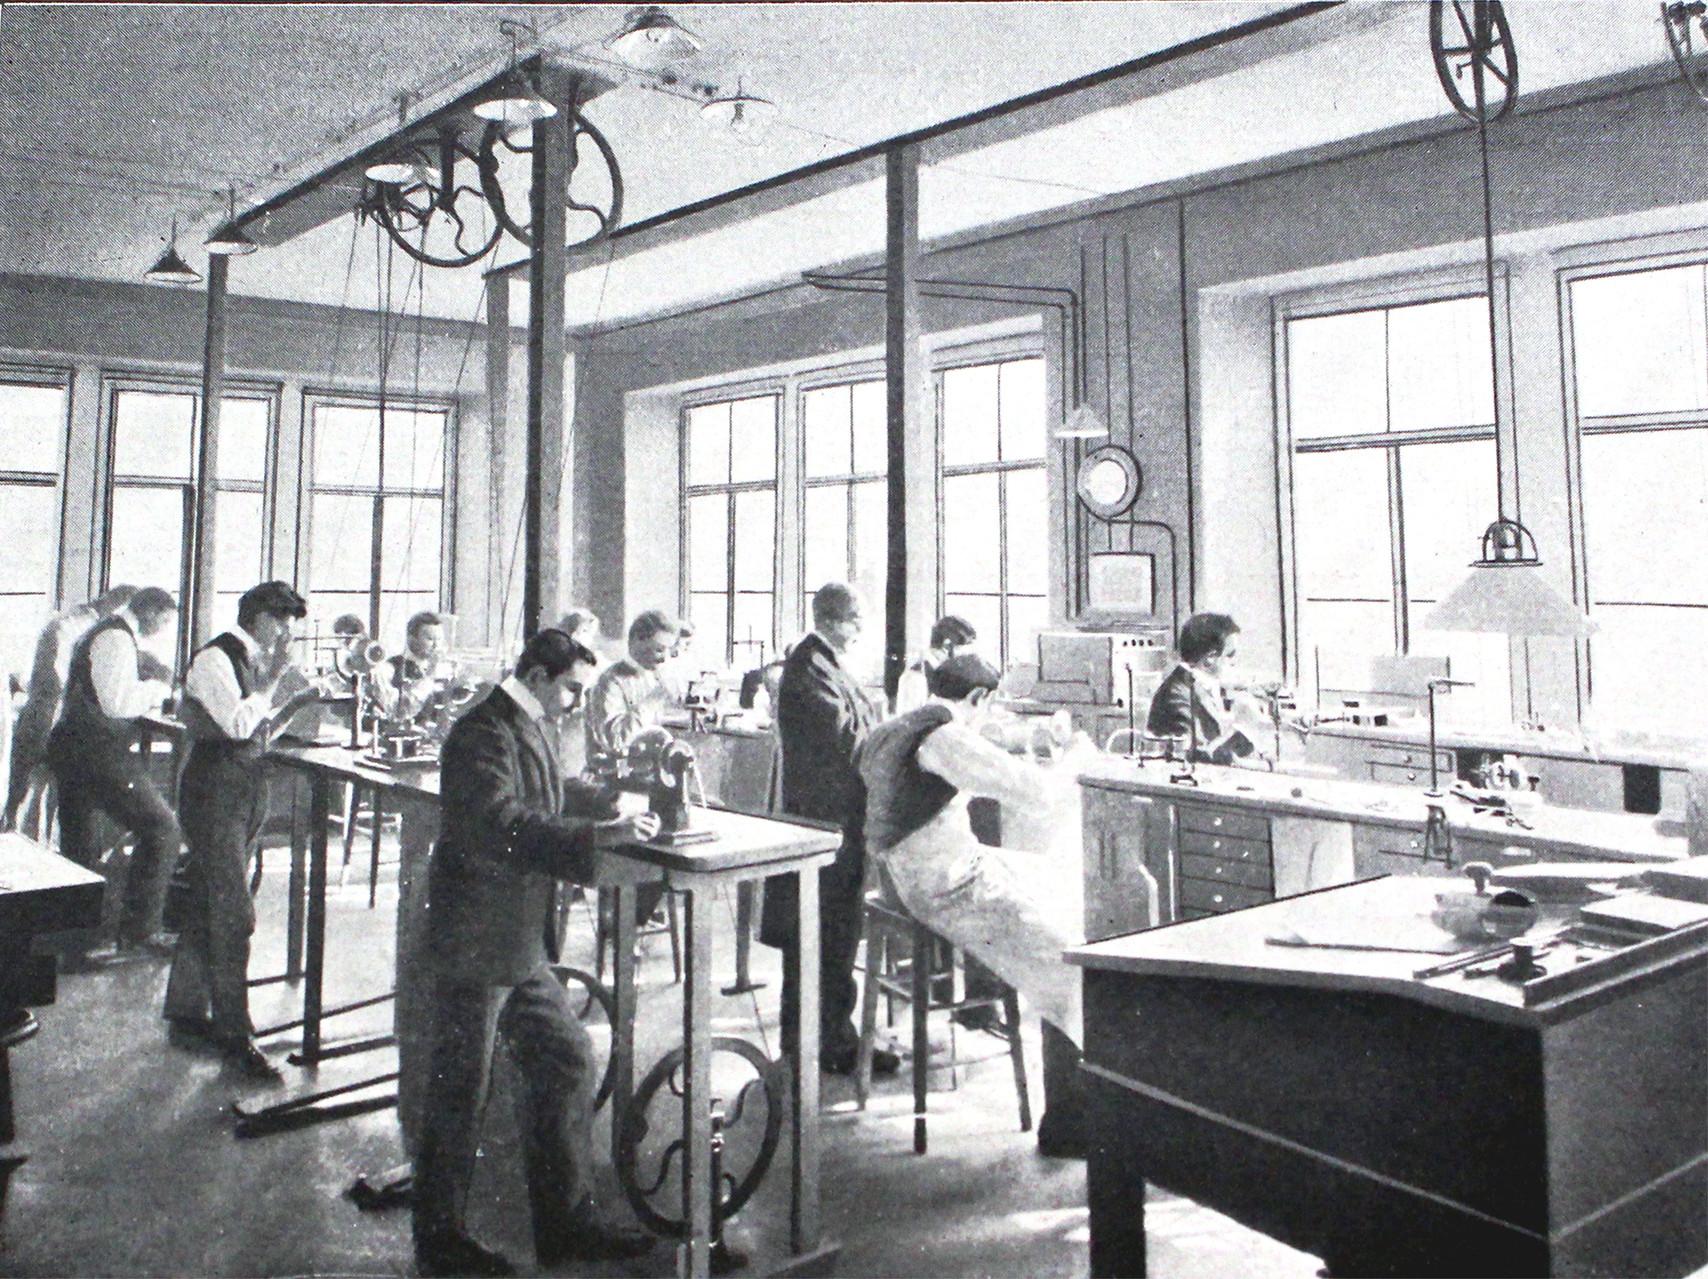 Lehrsaal 3 - Schüler bei ihren Arbeiten